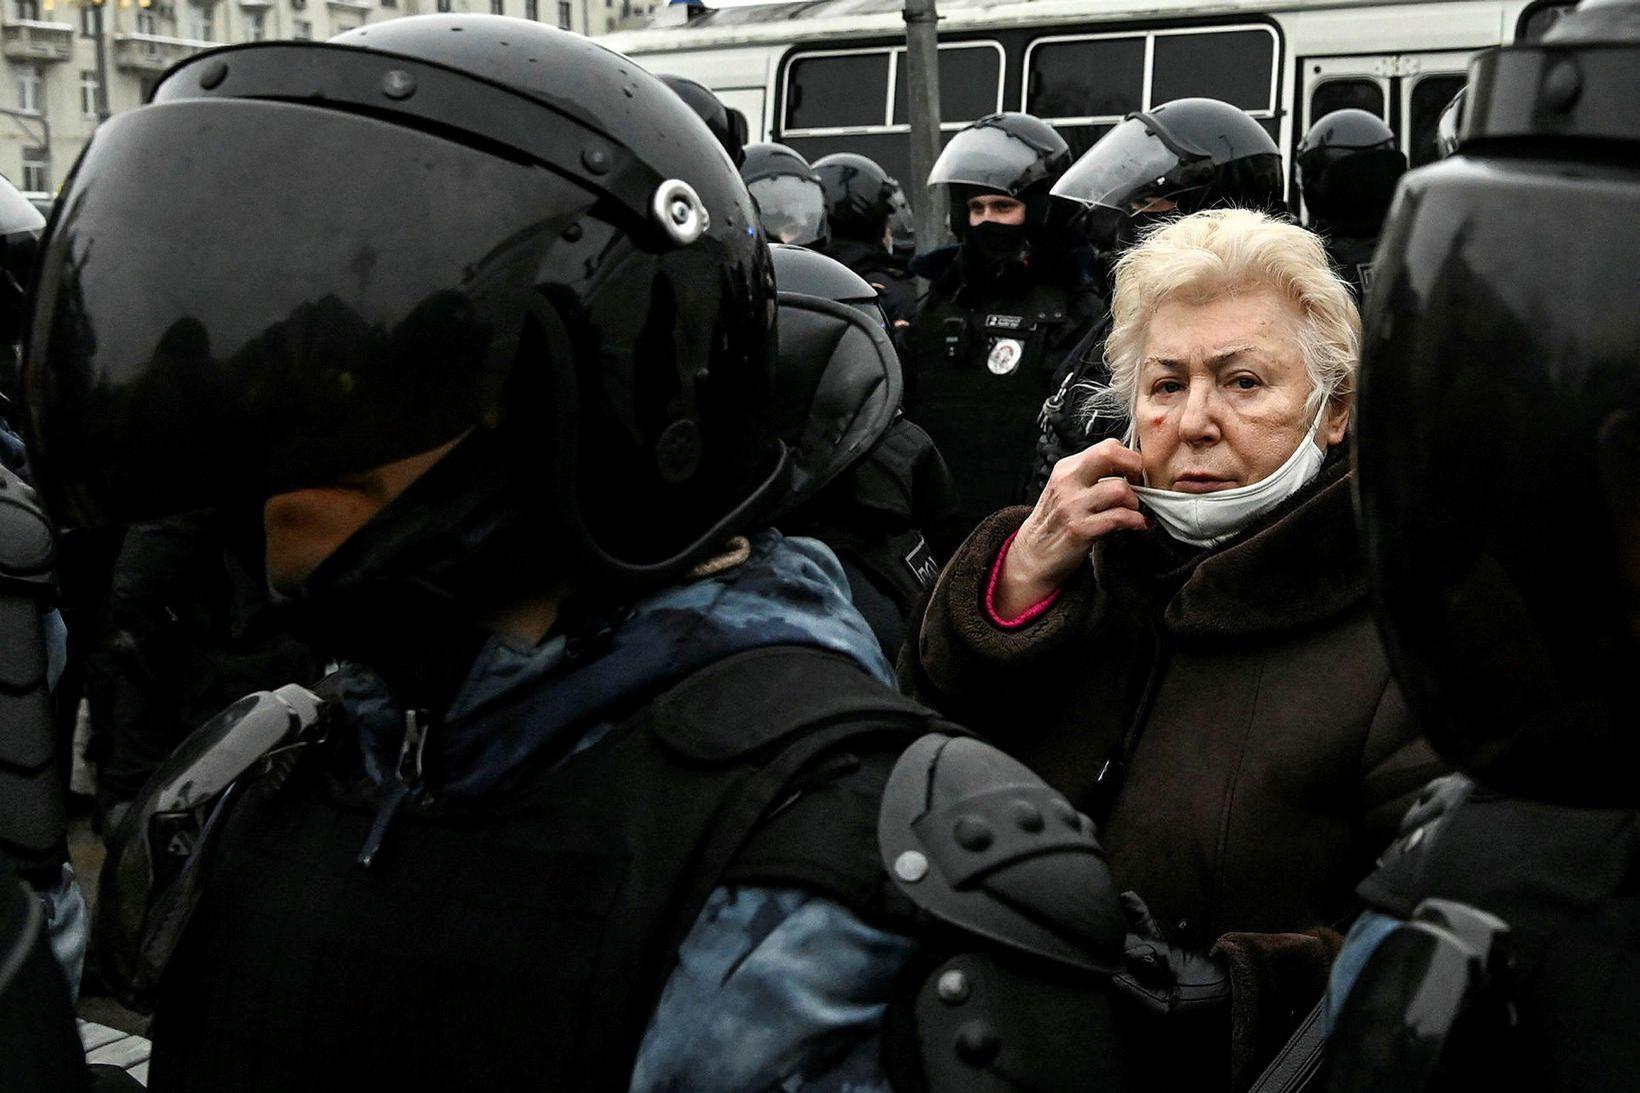 Frá mótmælum gegn Pútín Rússlandsforseta í Moskvu um helgina.